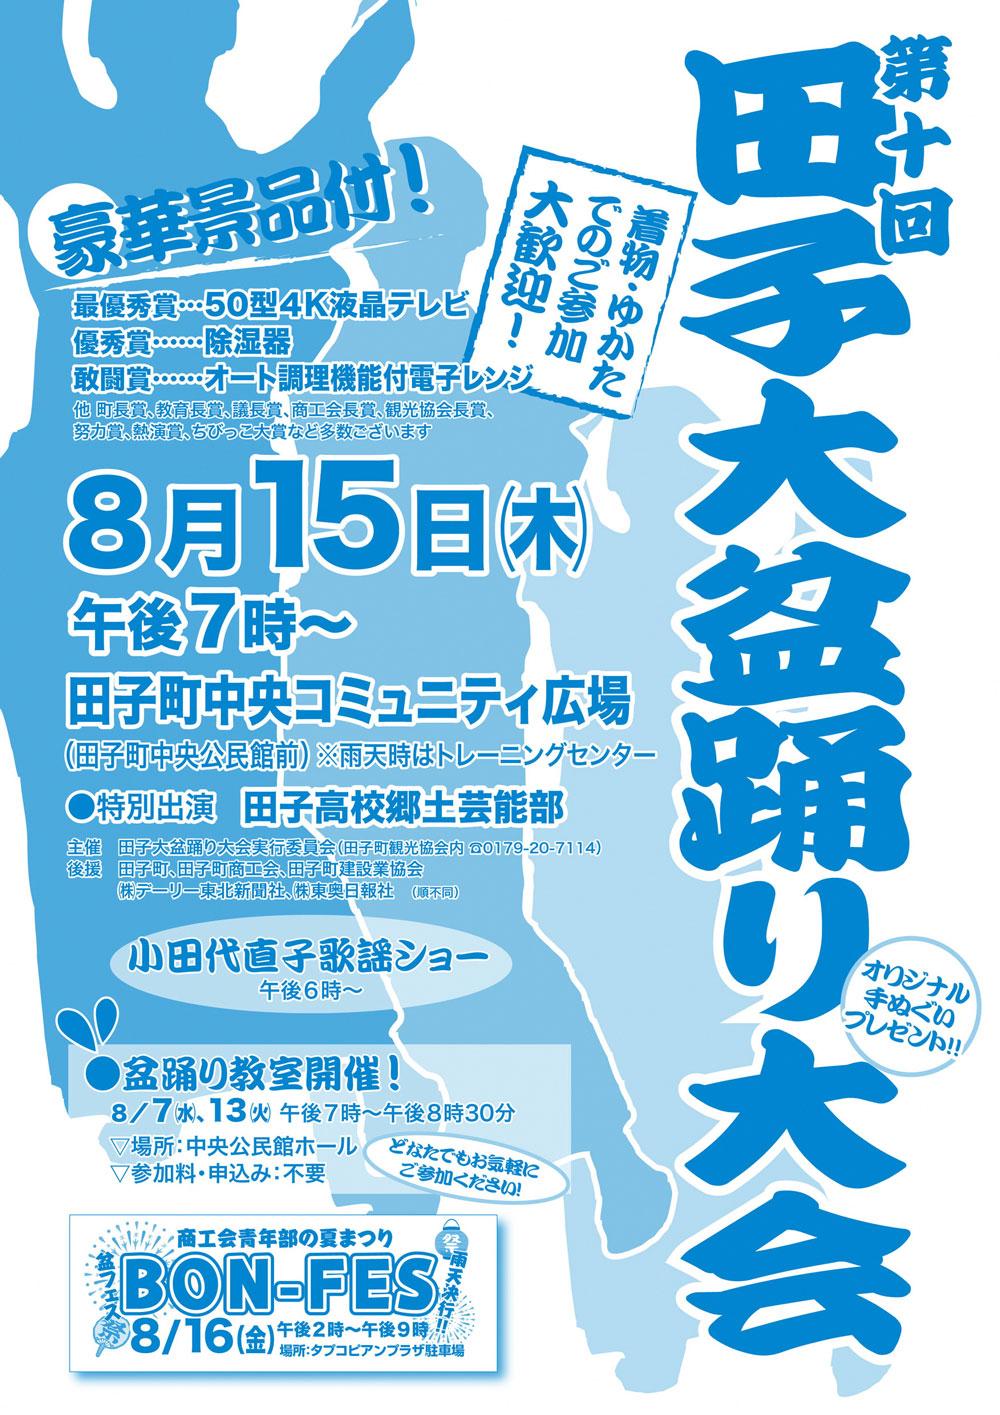 第10回田子大盆踊り大会 8月15日 午後7時から